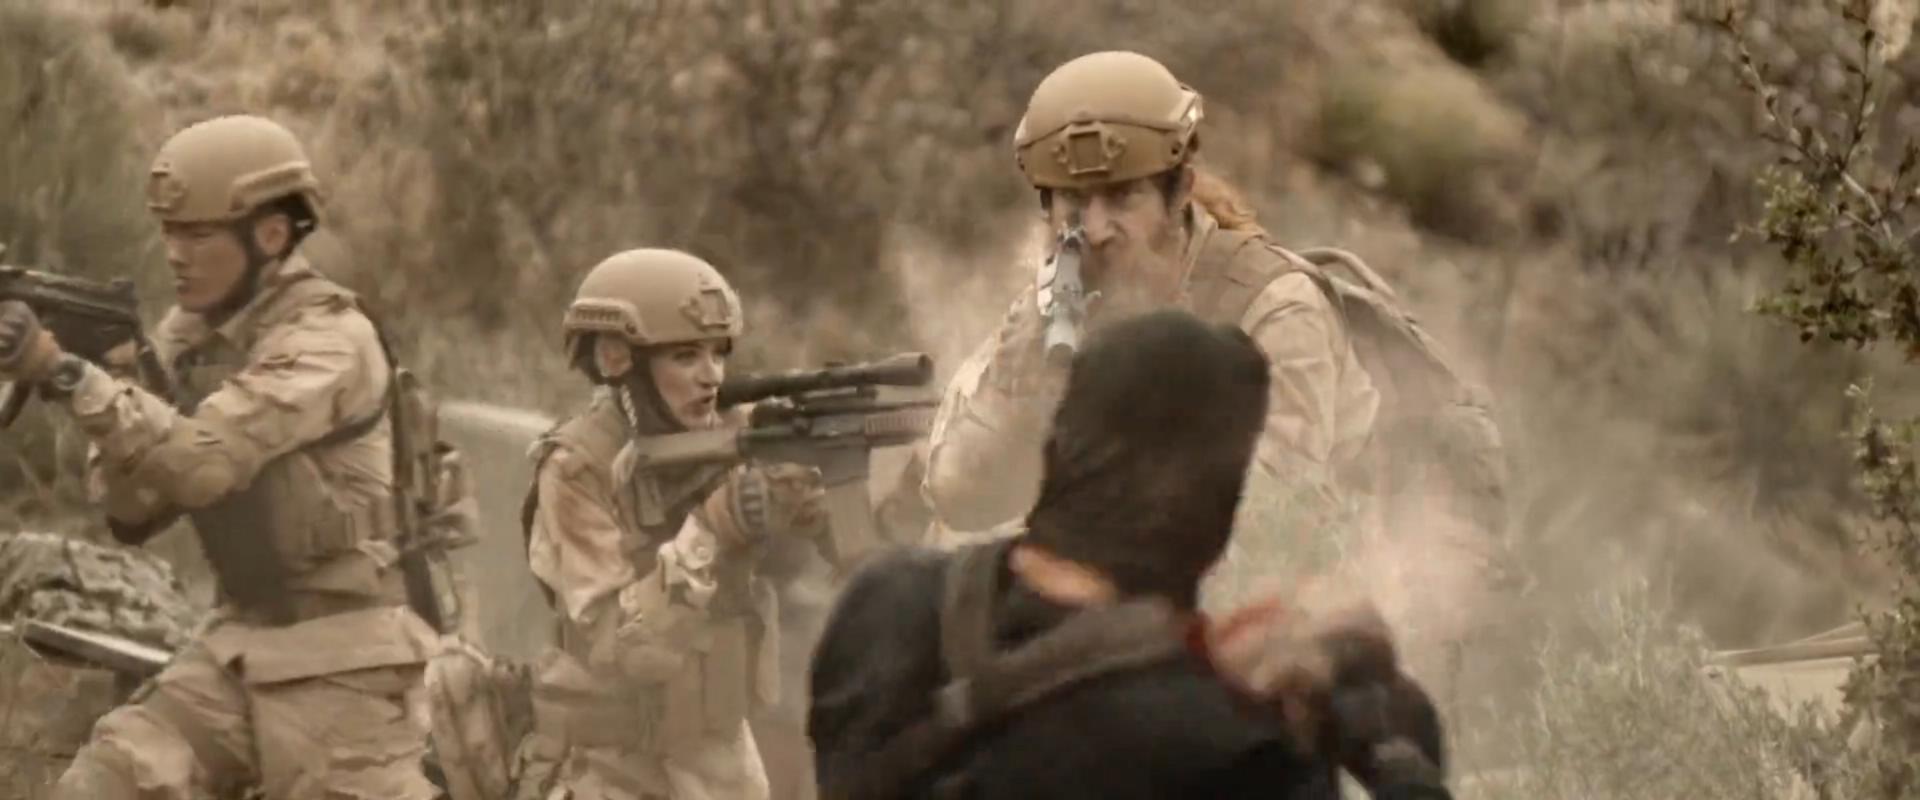 [流氓战争2:狩猎行动][英语中字][2019美国动作]-资源下载插图(4)